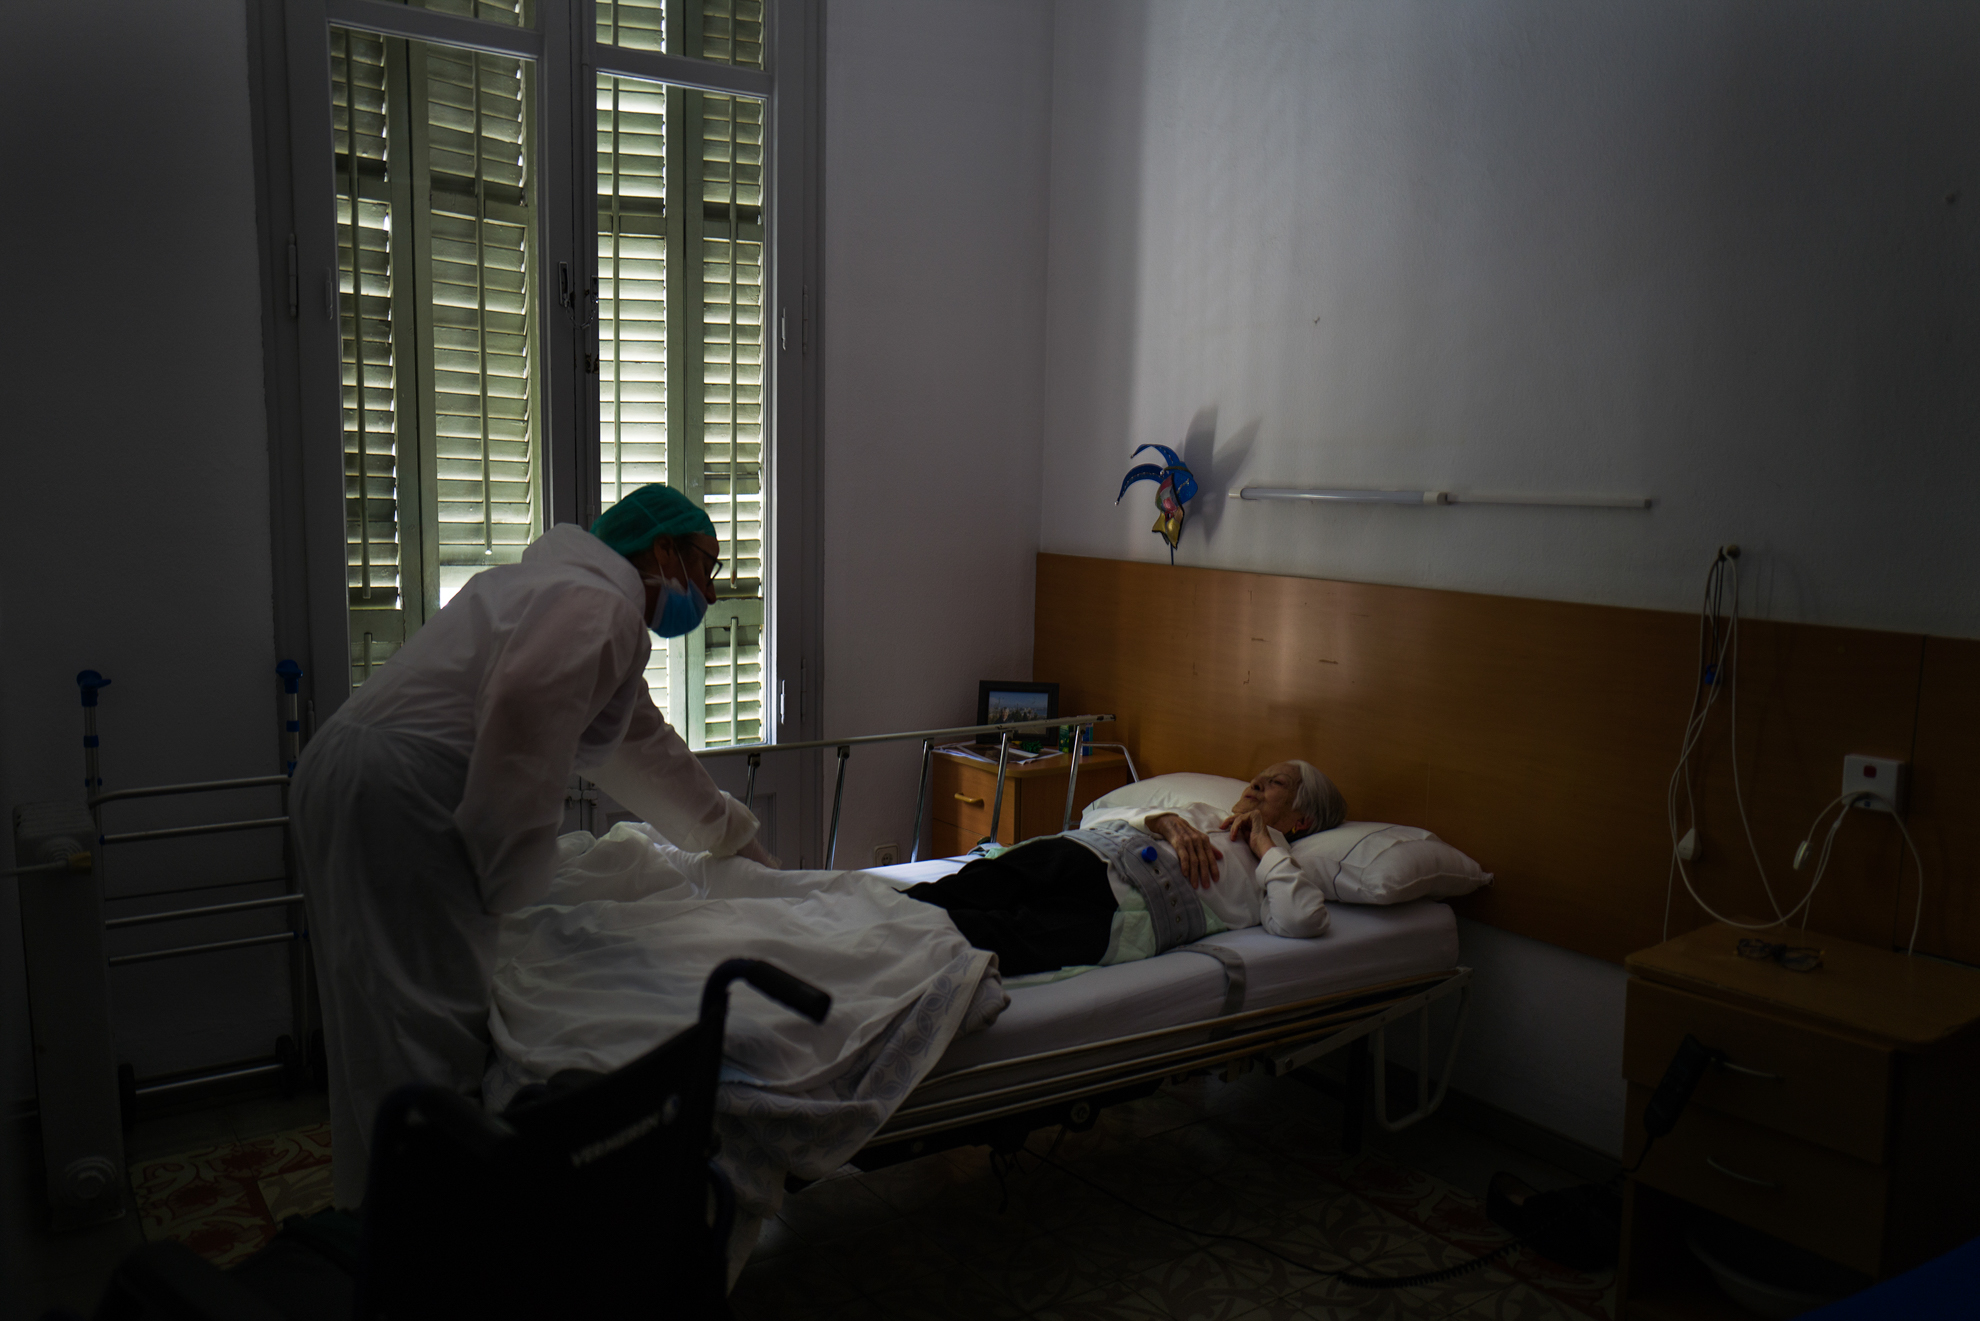 Cuidar de los queridos mayores, cuando tal vez su salud sea delicada, puede ser una experiencia muy difícil de gestionar y rara, aún siendo gratificante y frustrante a la vez. La forma en que los profesionales cuidan a los mayores, me sorprendió siempre. Una de las cuidadoras del Centre Geriàtric Gure-Etxea habla con una abuela en su habitación después de despertarla de la siesta.